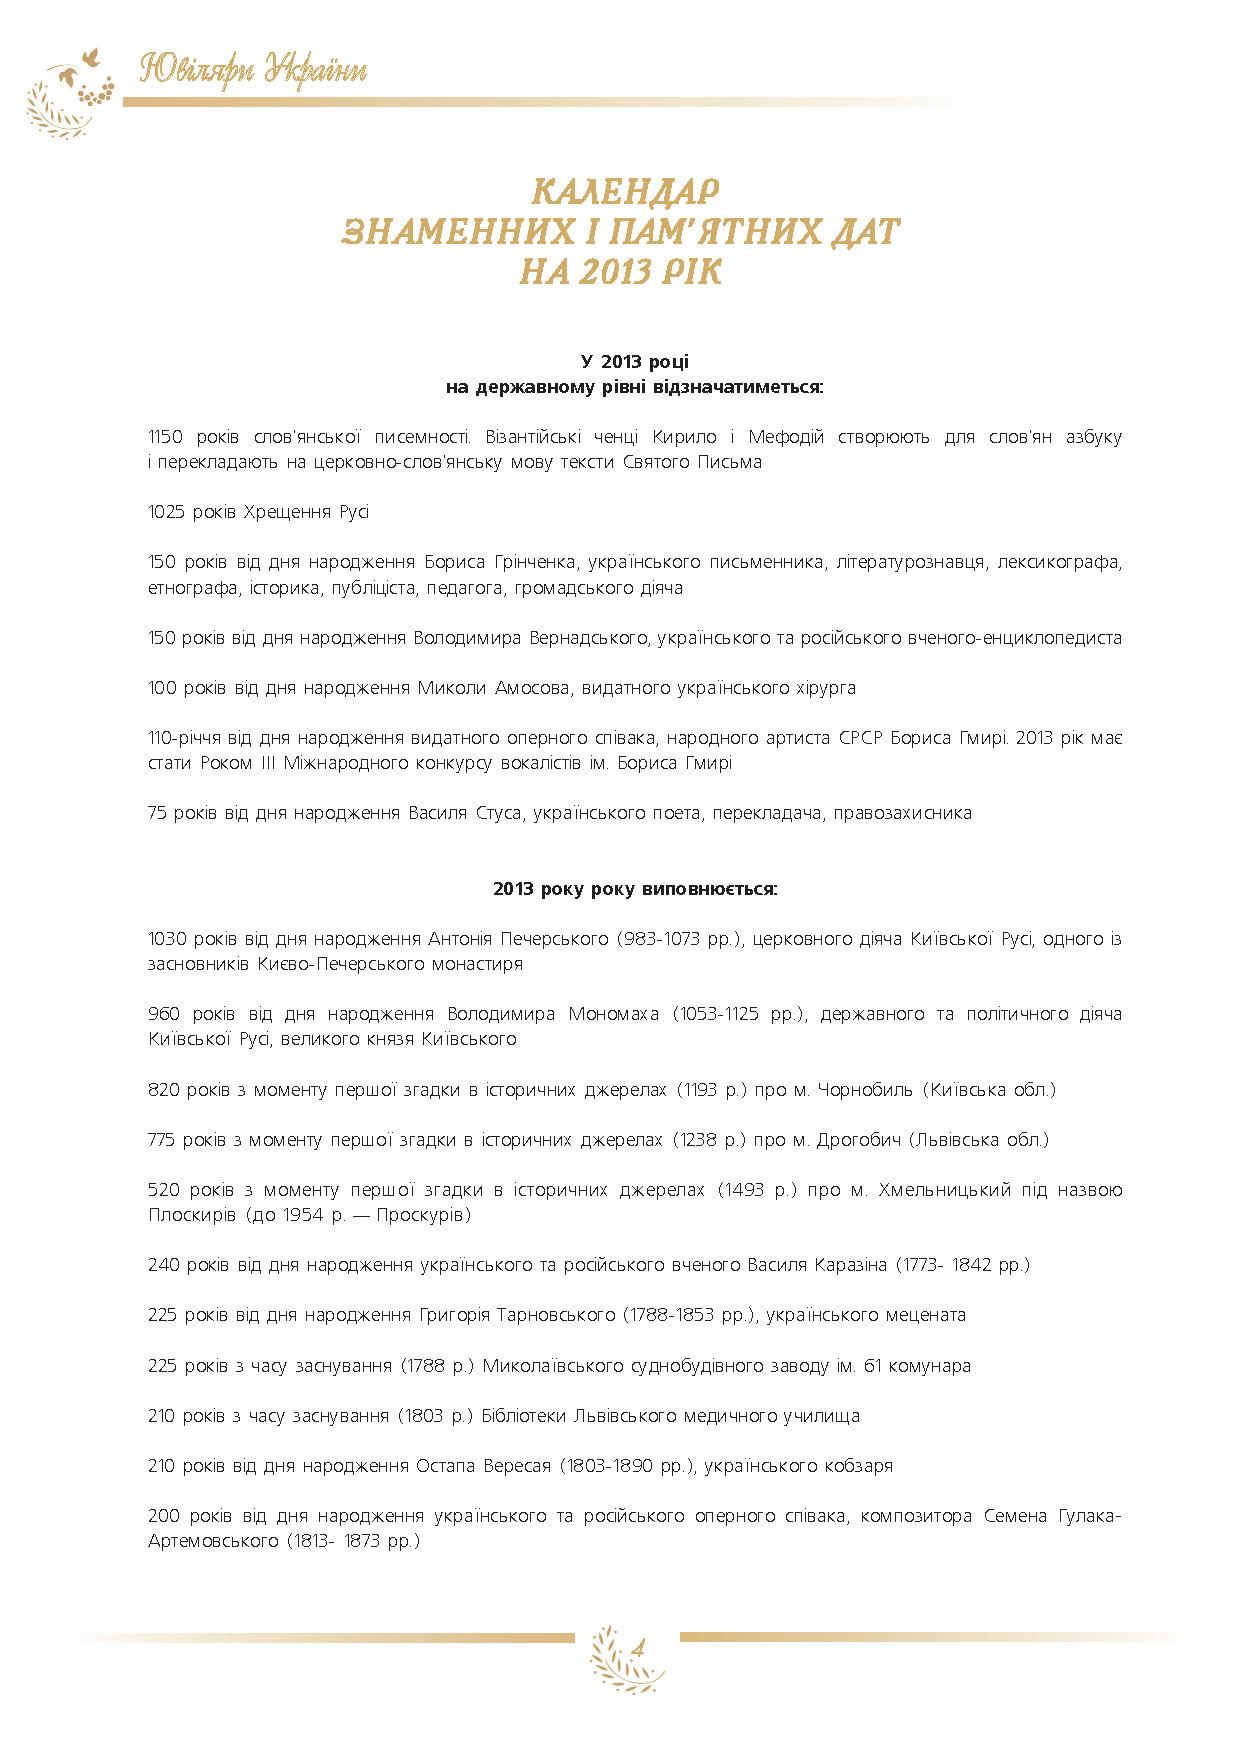 Календар знаменних і пам'ятних дат на 2013 рік